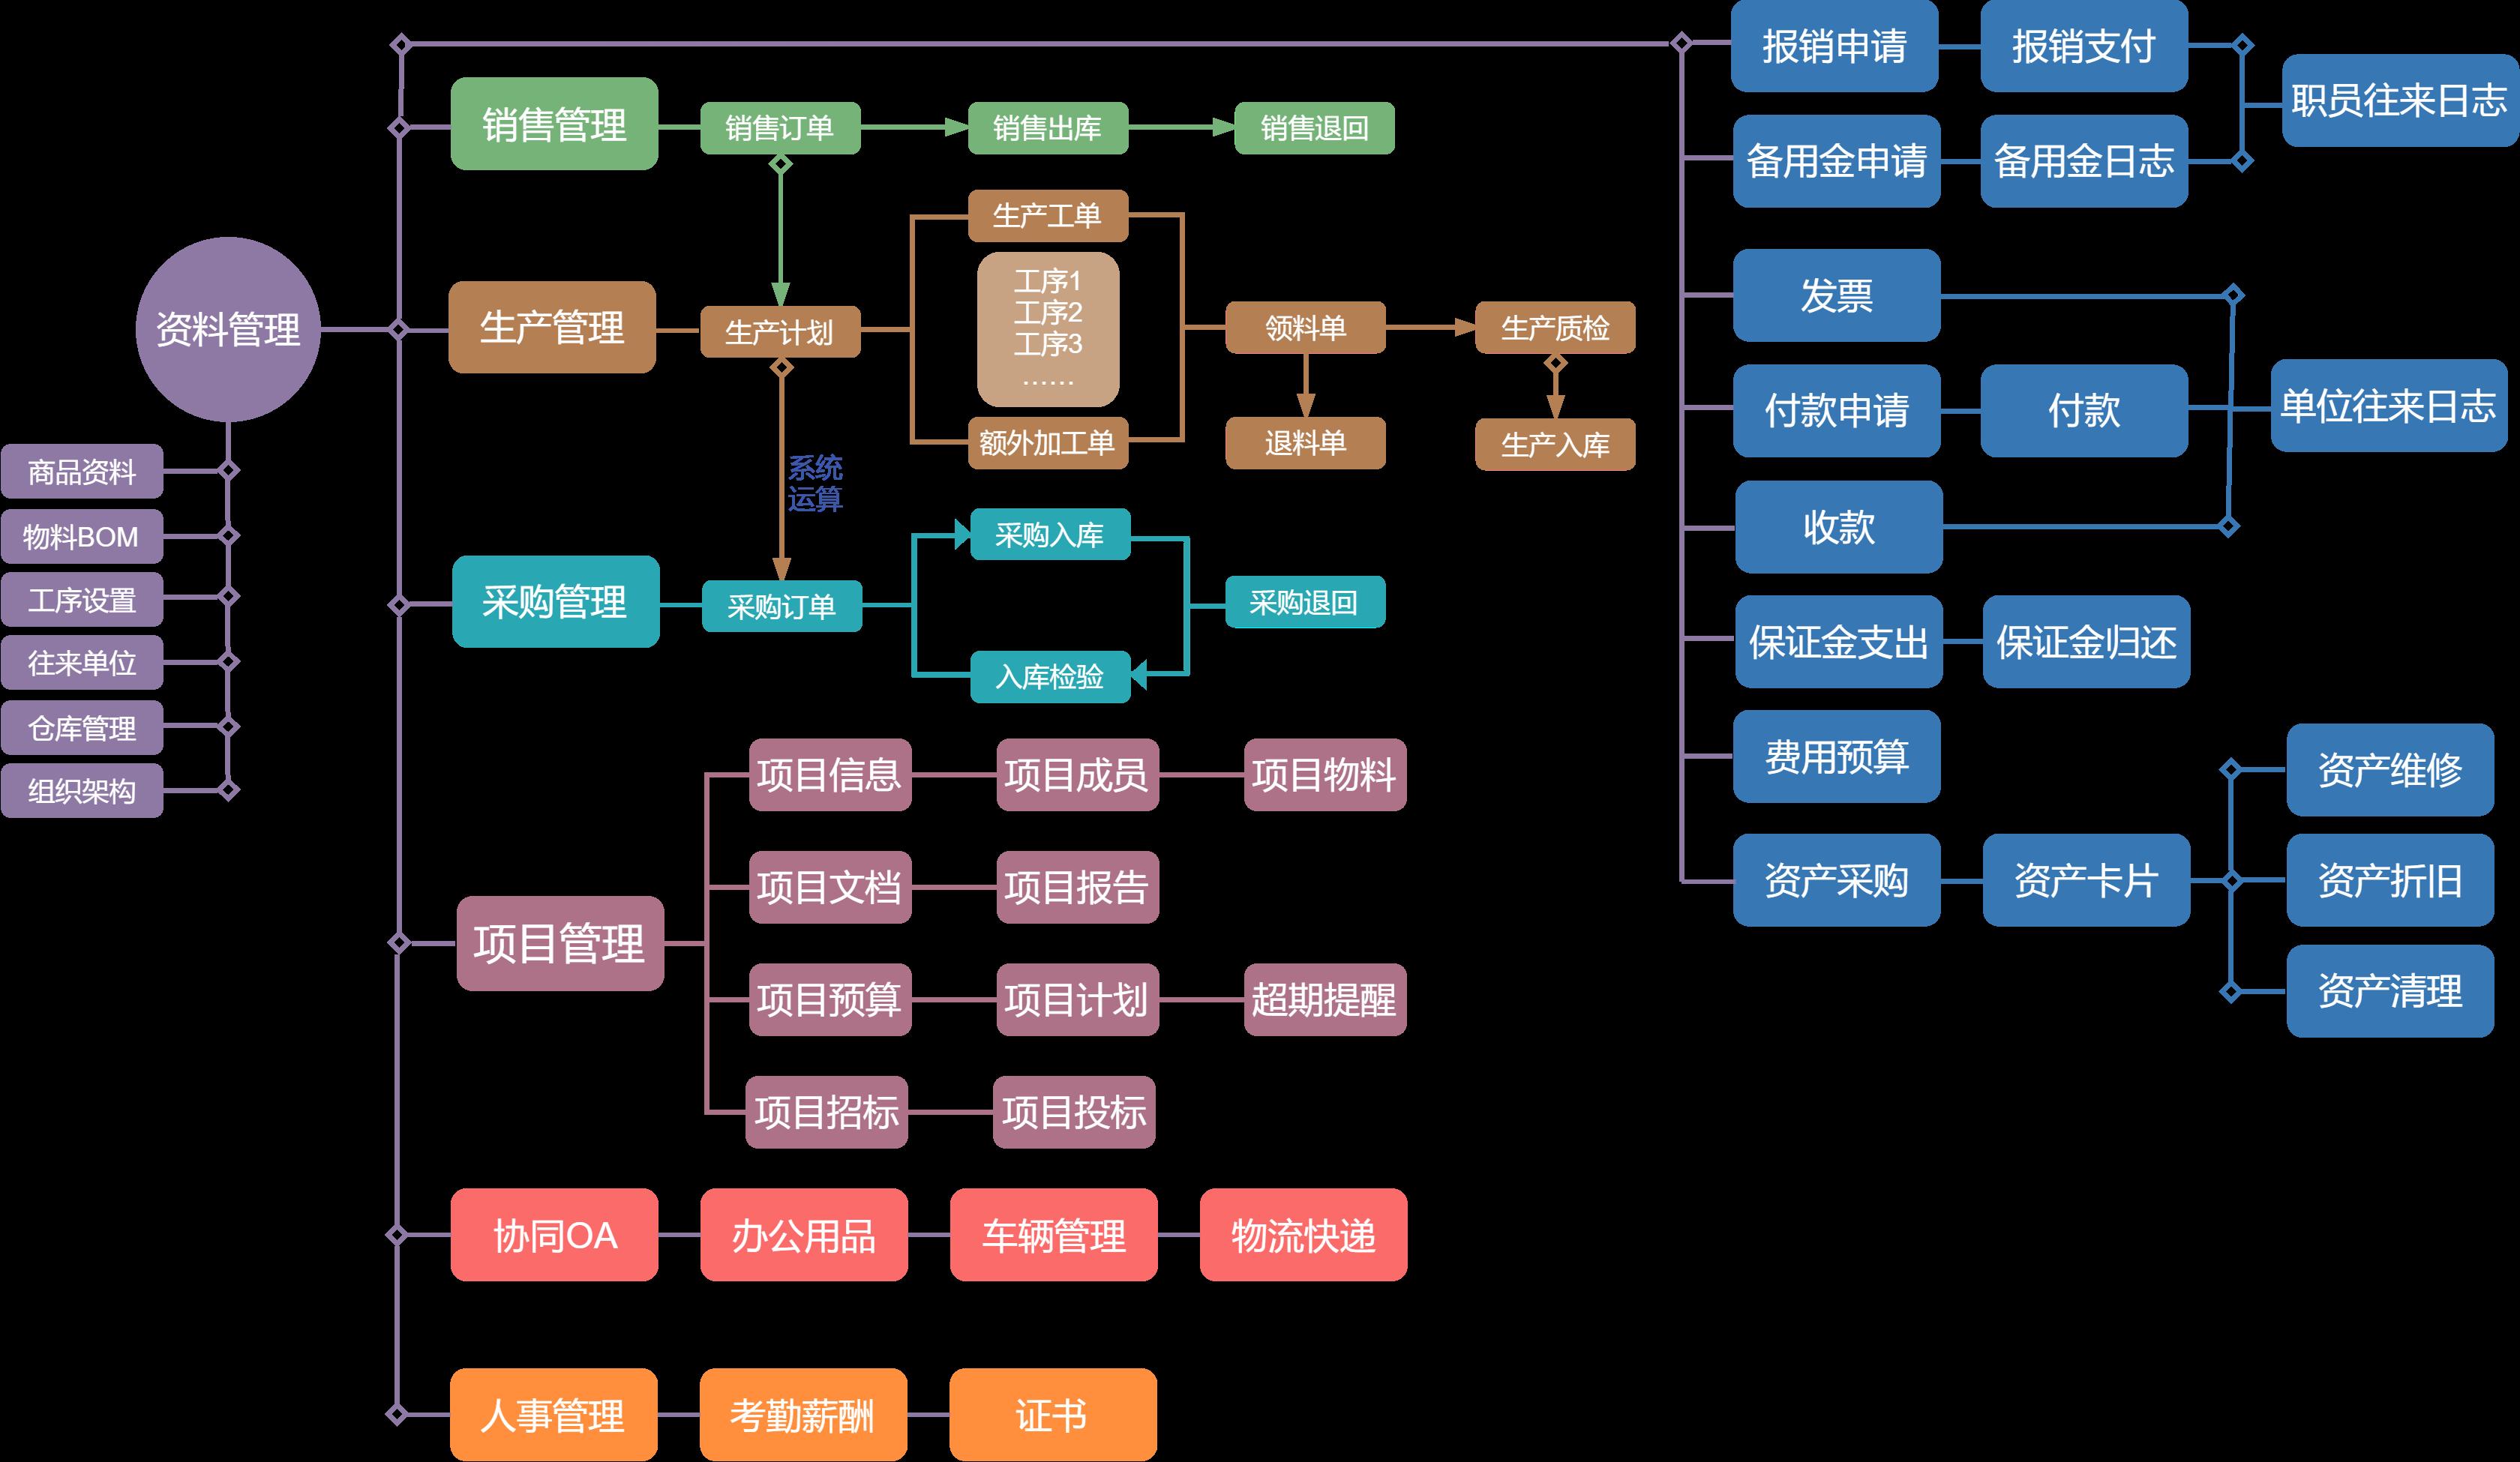 ERP流程图第一版.png